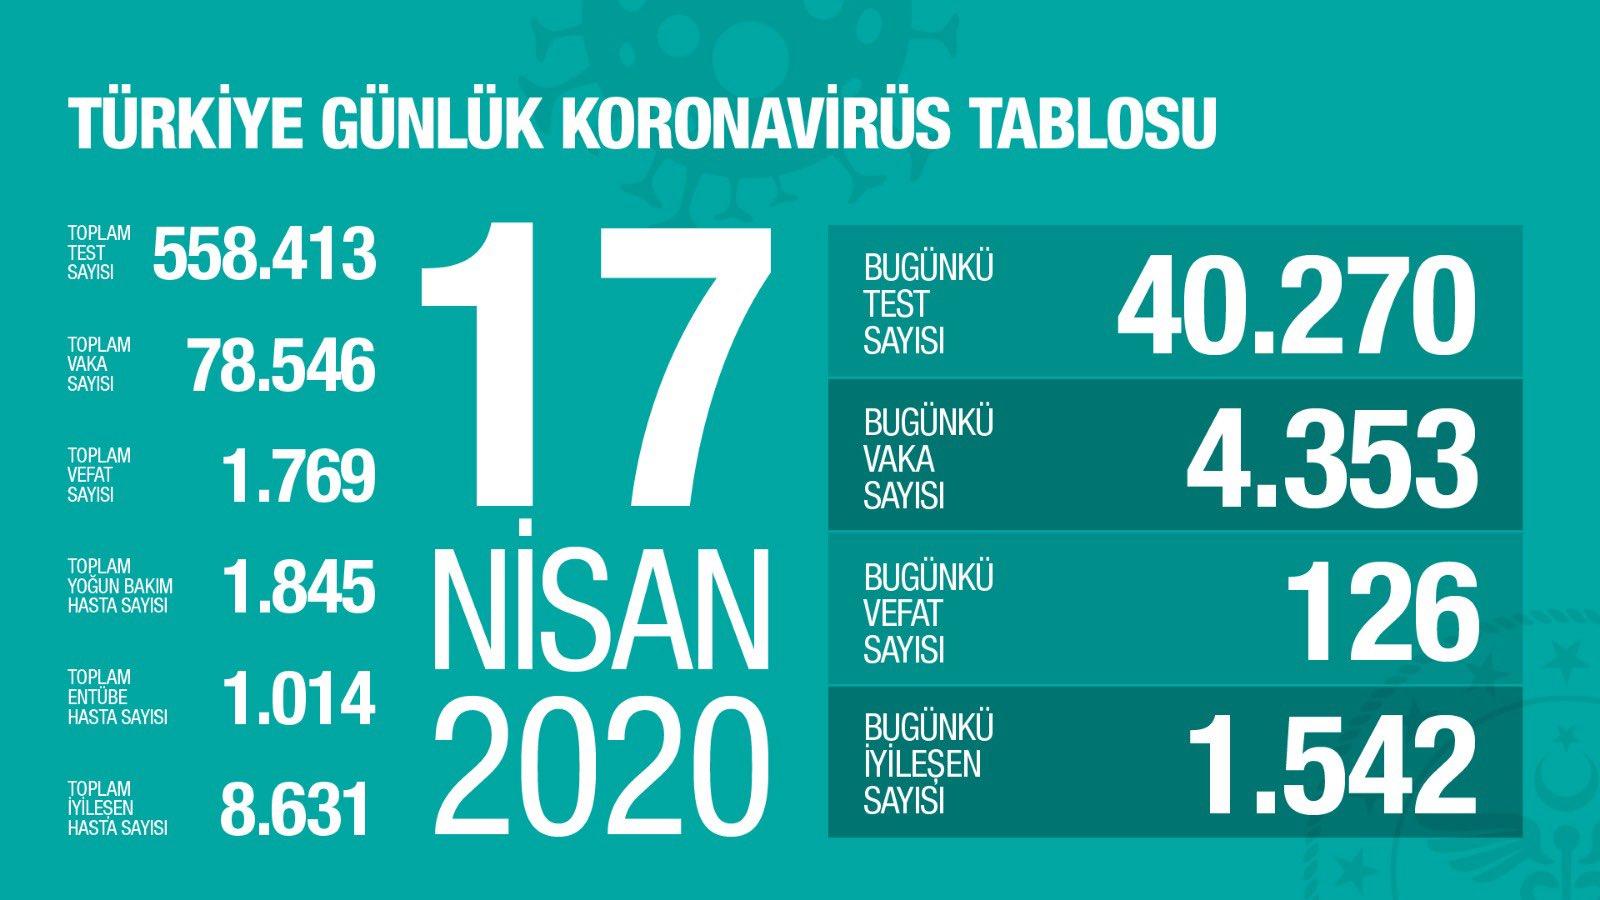 La Turquie pourrait connaître un pic de coronavirus la semaine prochaine